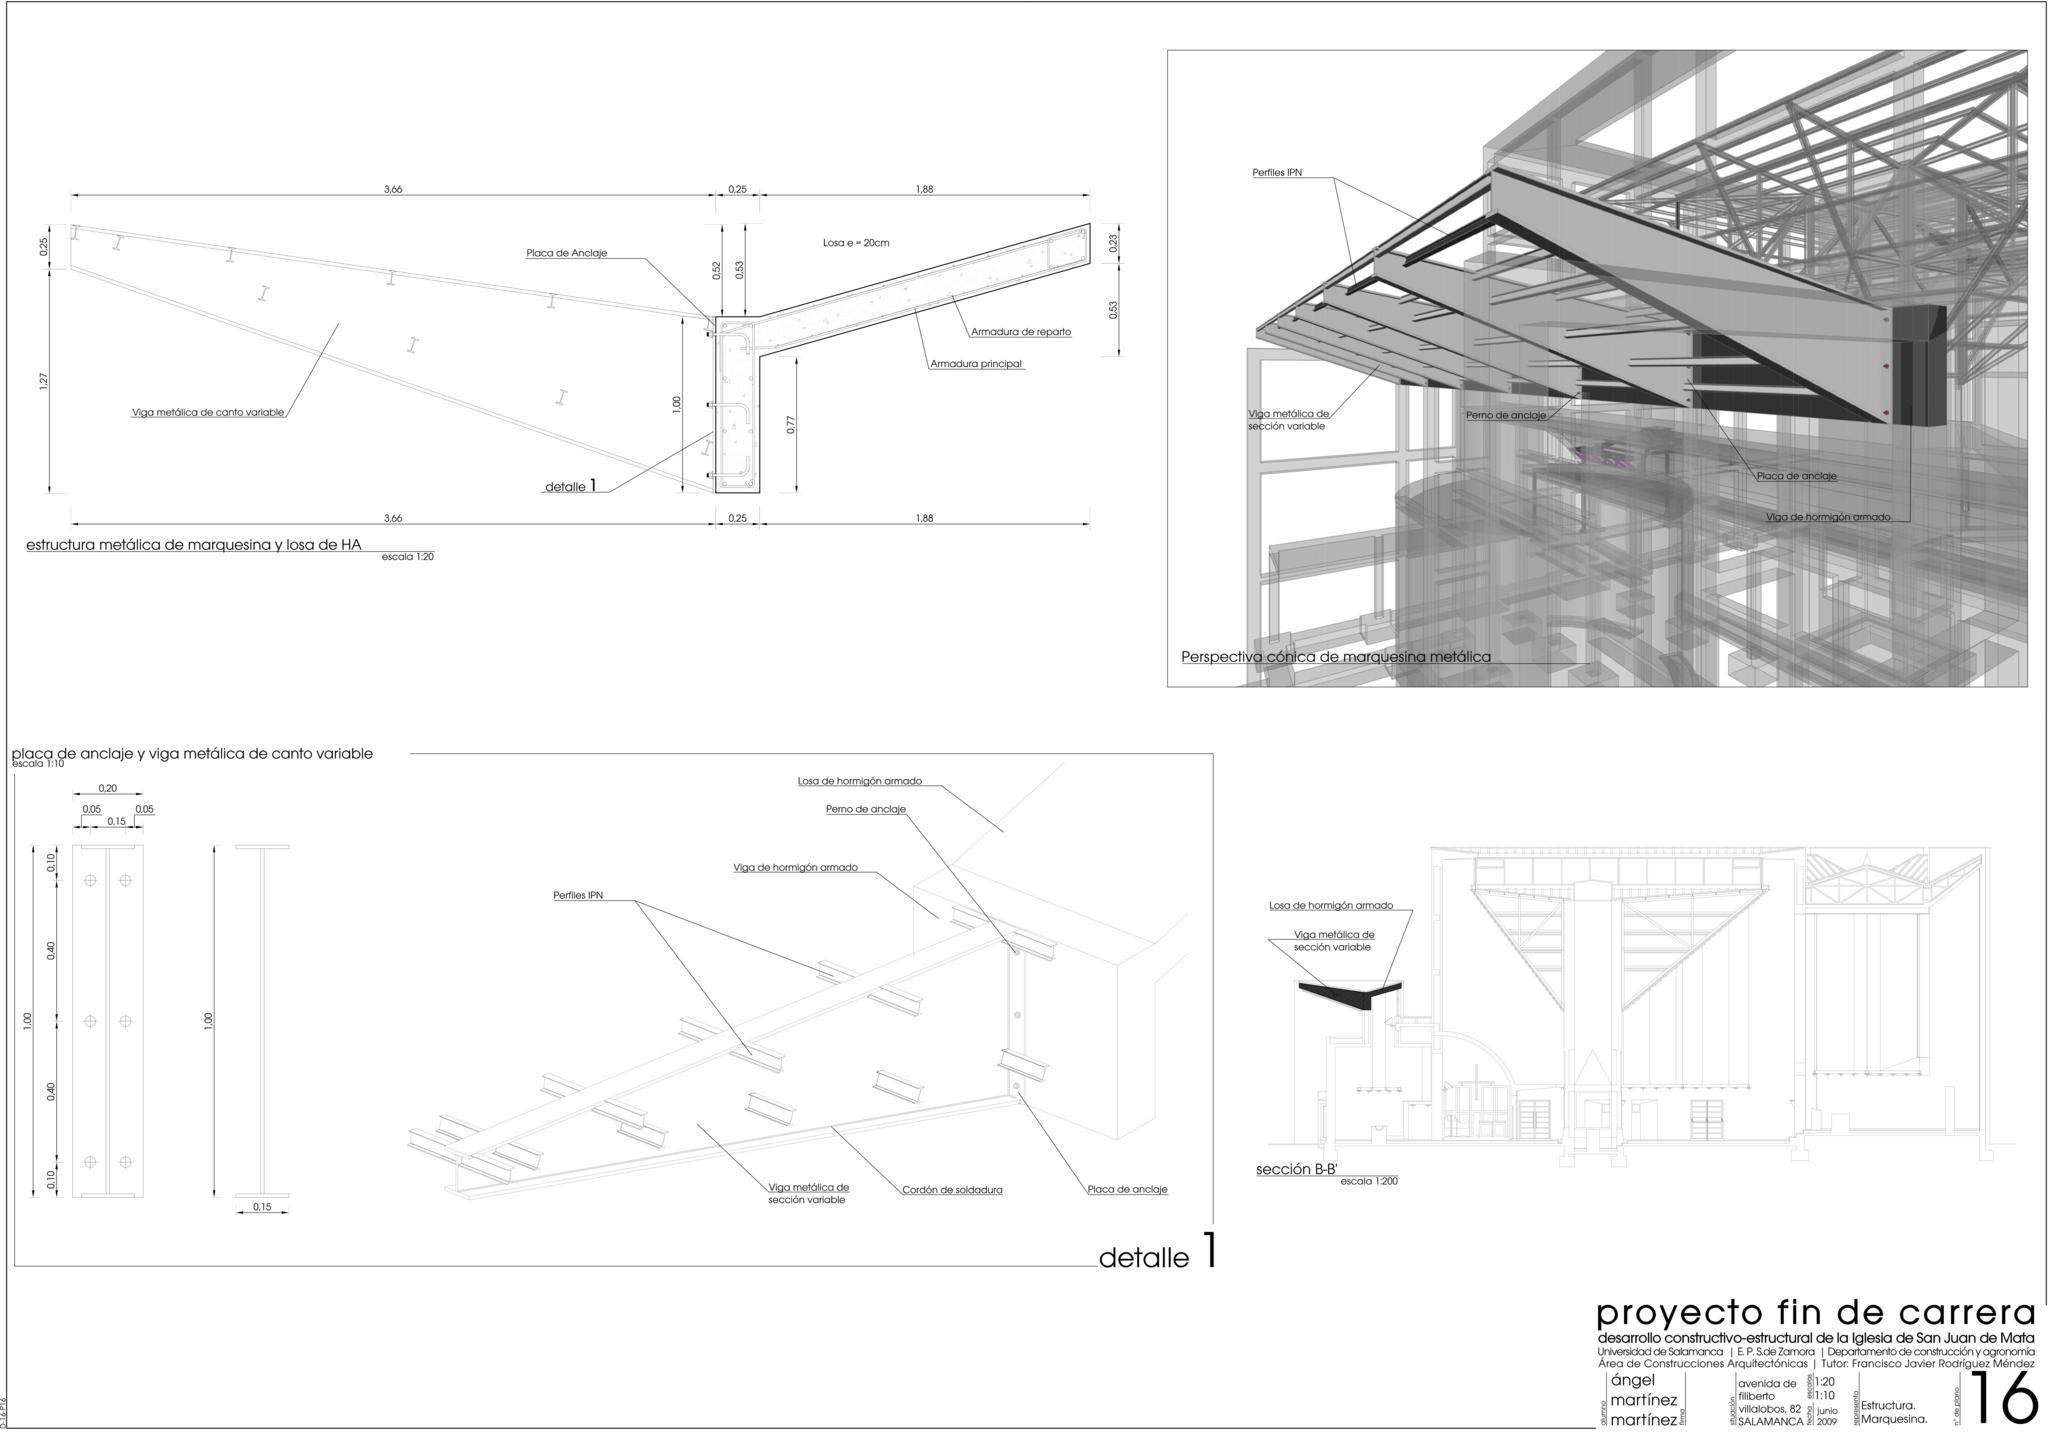 Proyecto fin de carrera arquitectura t cnica for Arquitectura tecnica ua